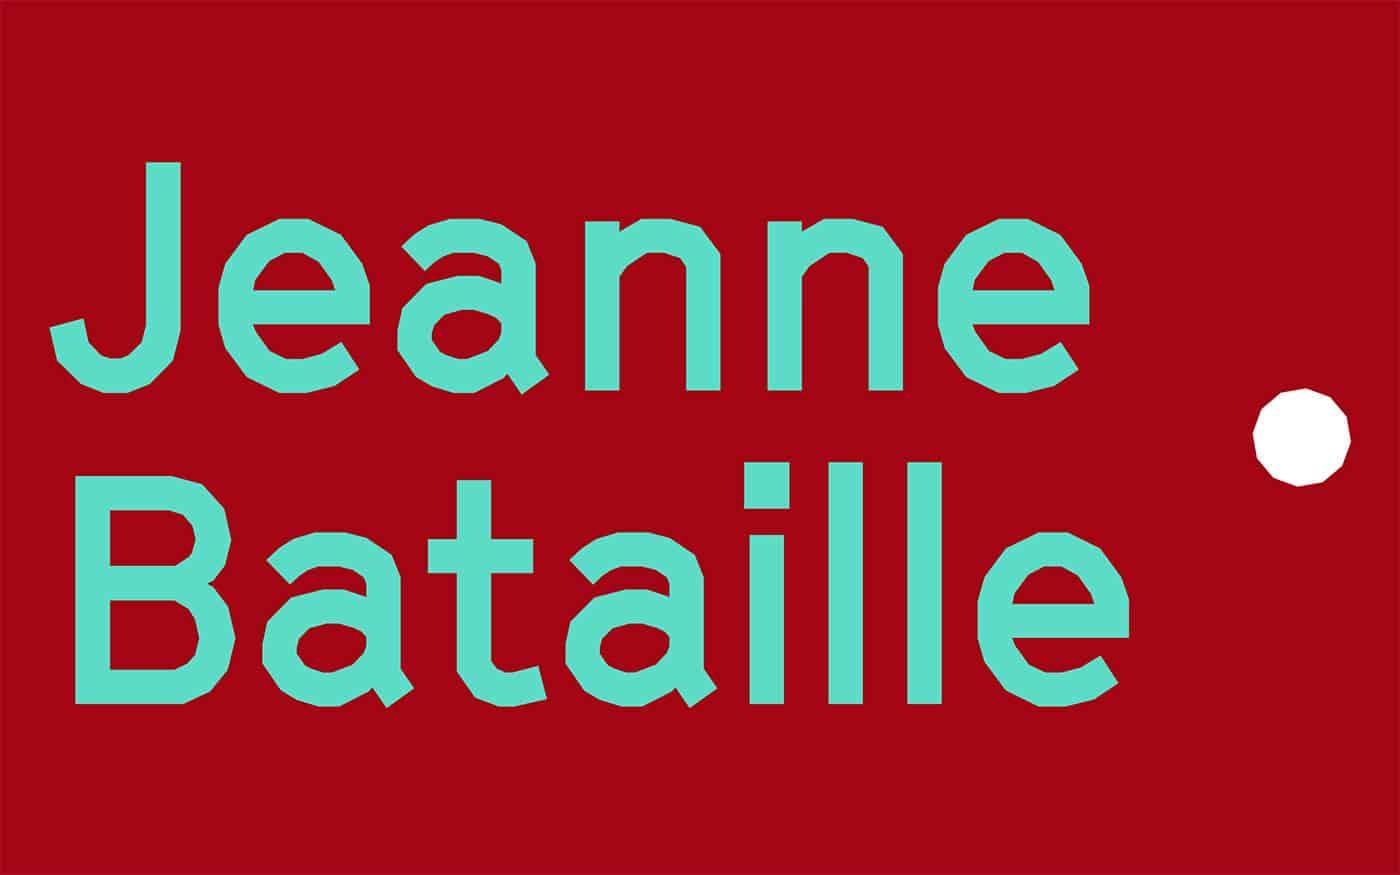 Проект и Автор: Jeanne Bataille